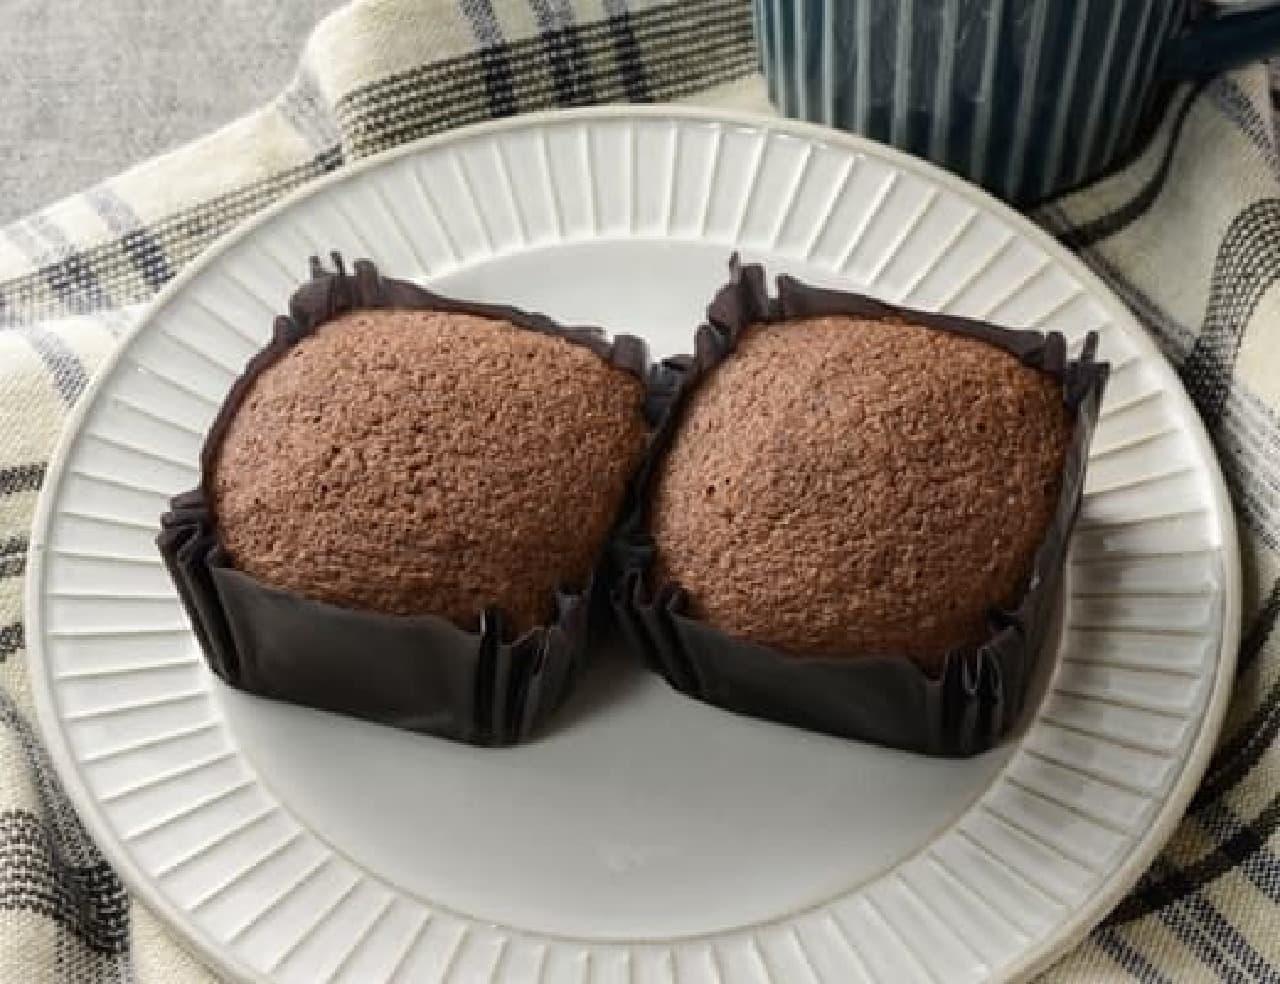 ローソン「NL プロテイン入りチョコ蒸しケーキ 2個入」